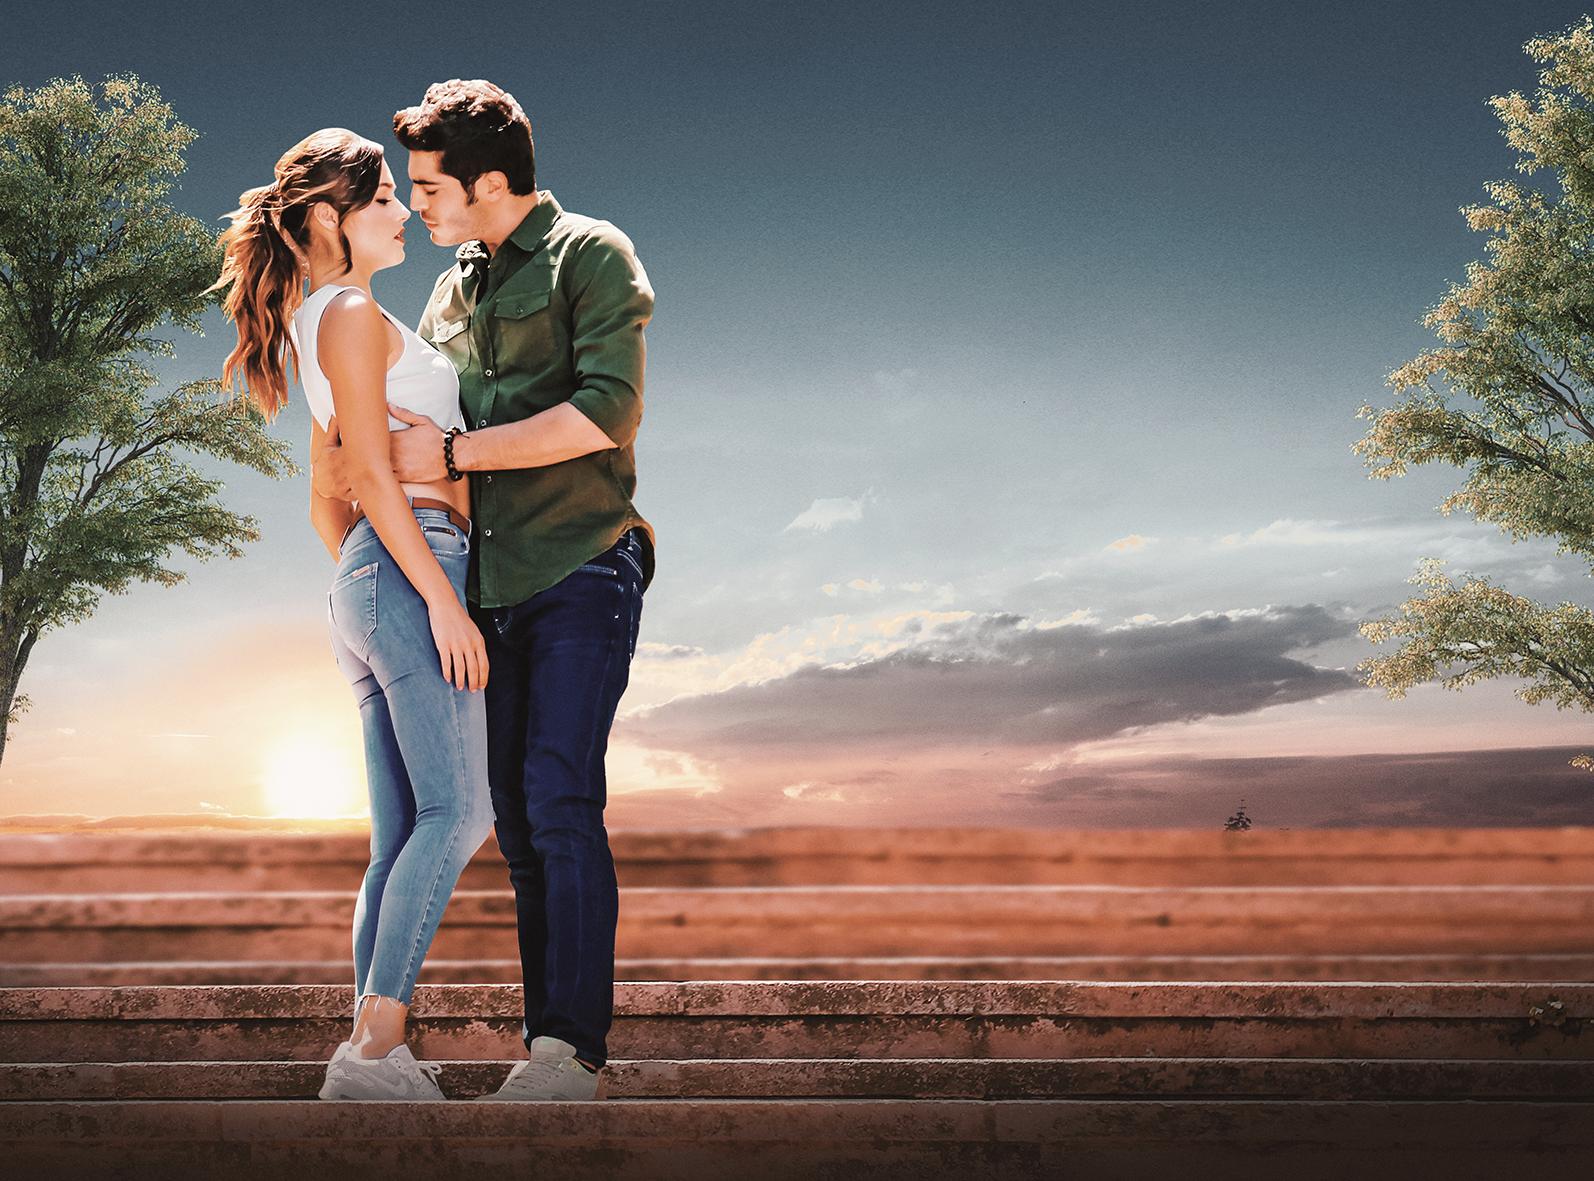 אין מילים לאהבה ערוץ הדרמות הטורקיות